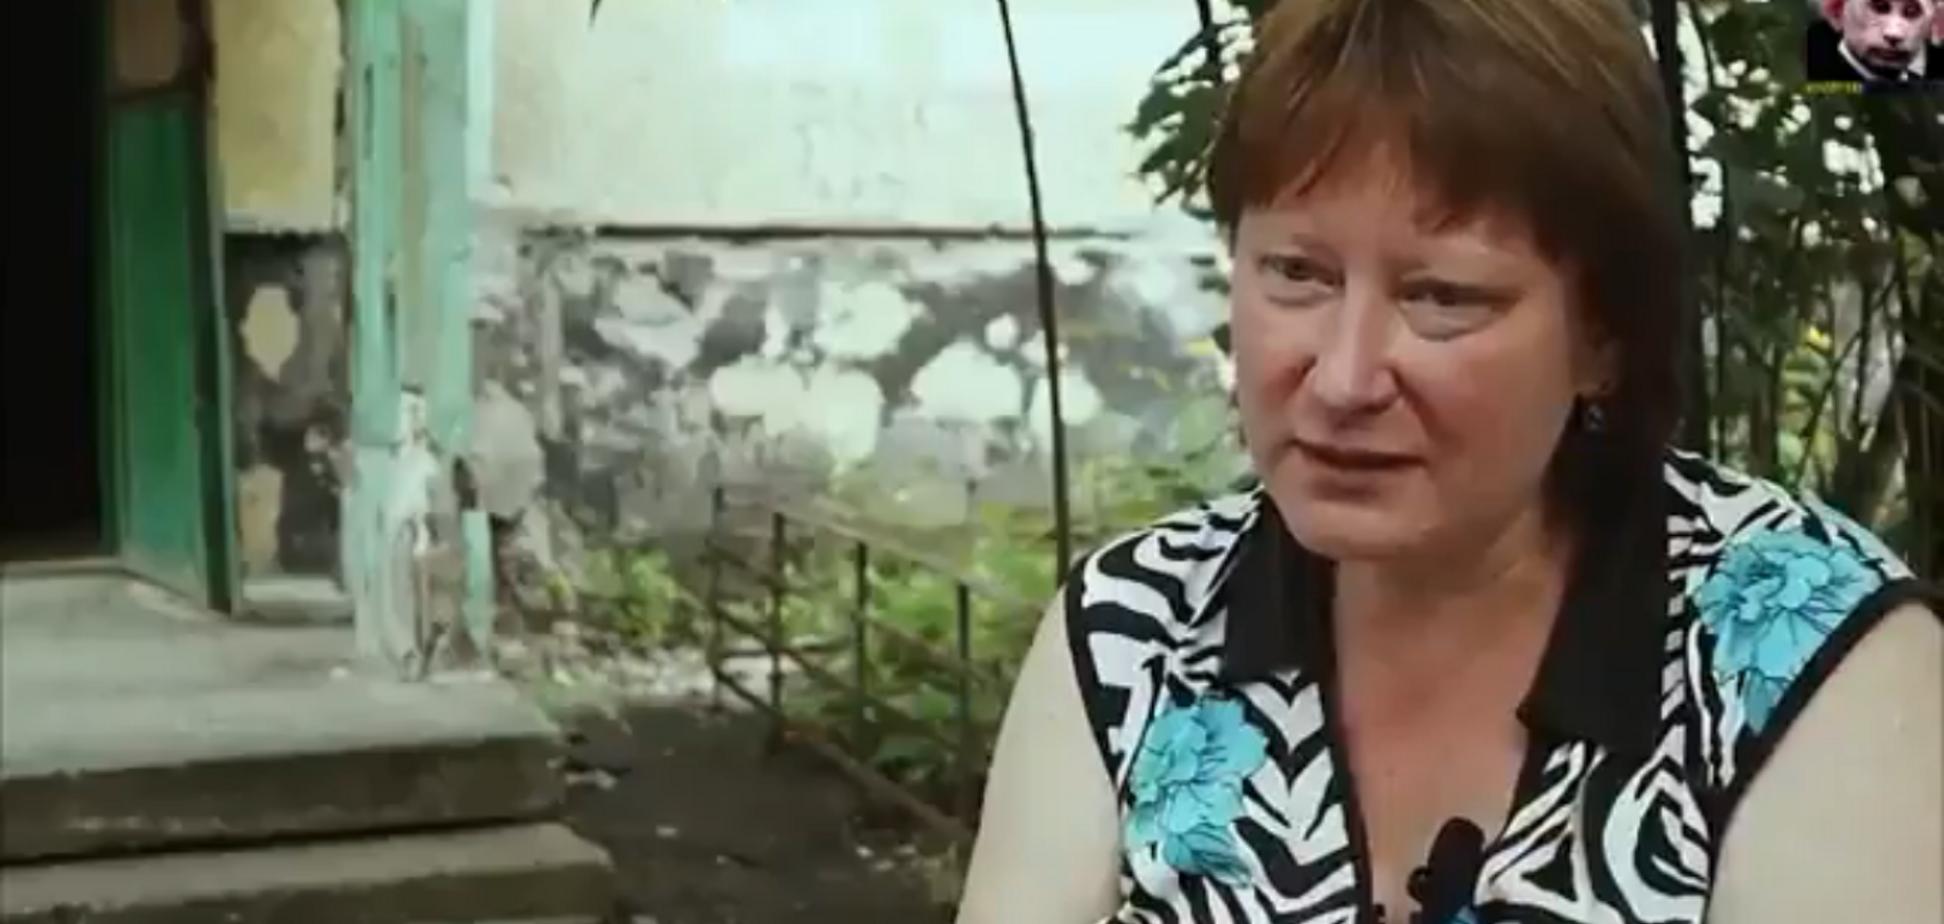 'Скатертиною дорога': одкровення мешканки Донбасу розгнівали українців